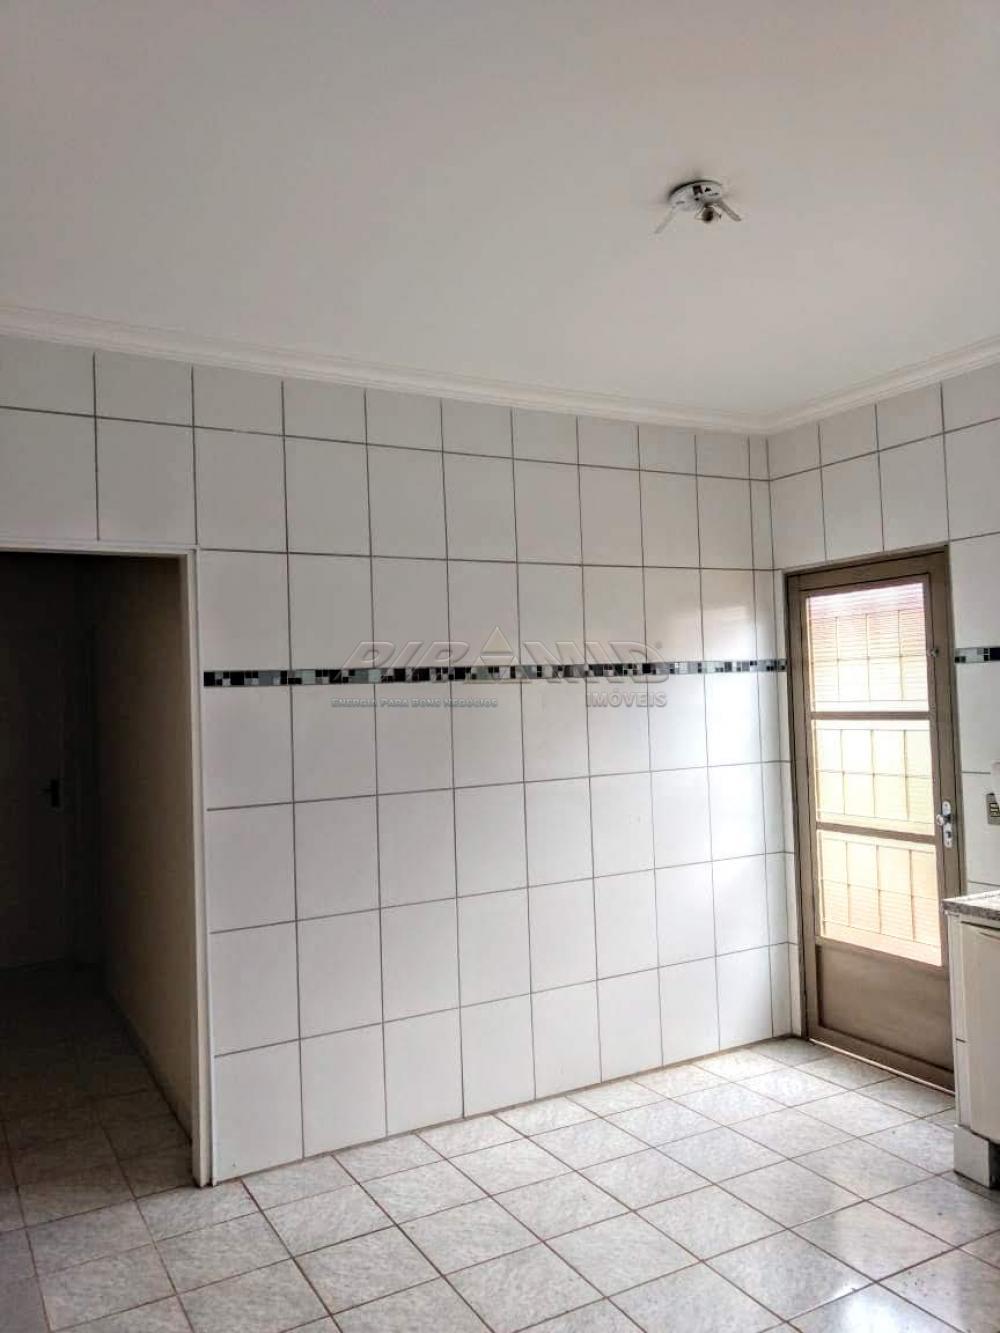 Comprar Casa / Padrão em Ribeirão Preto apenas R$ 155.000,00 - Foto 15